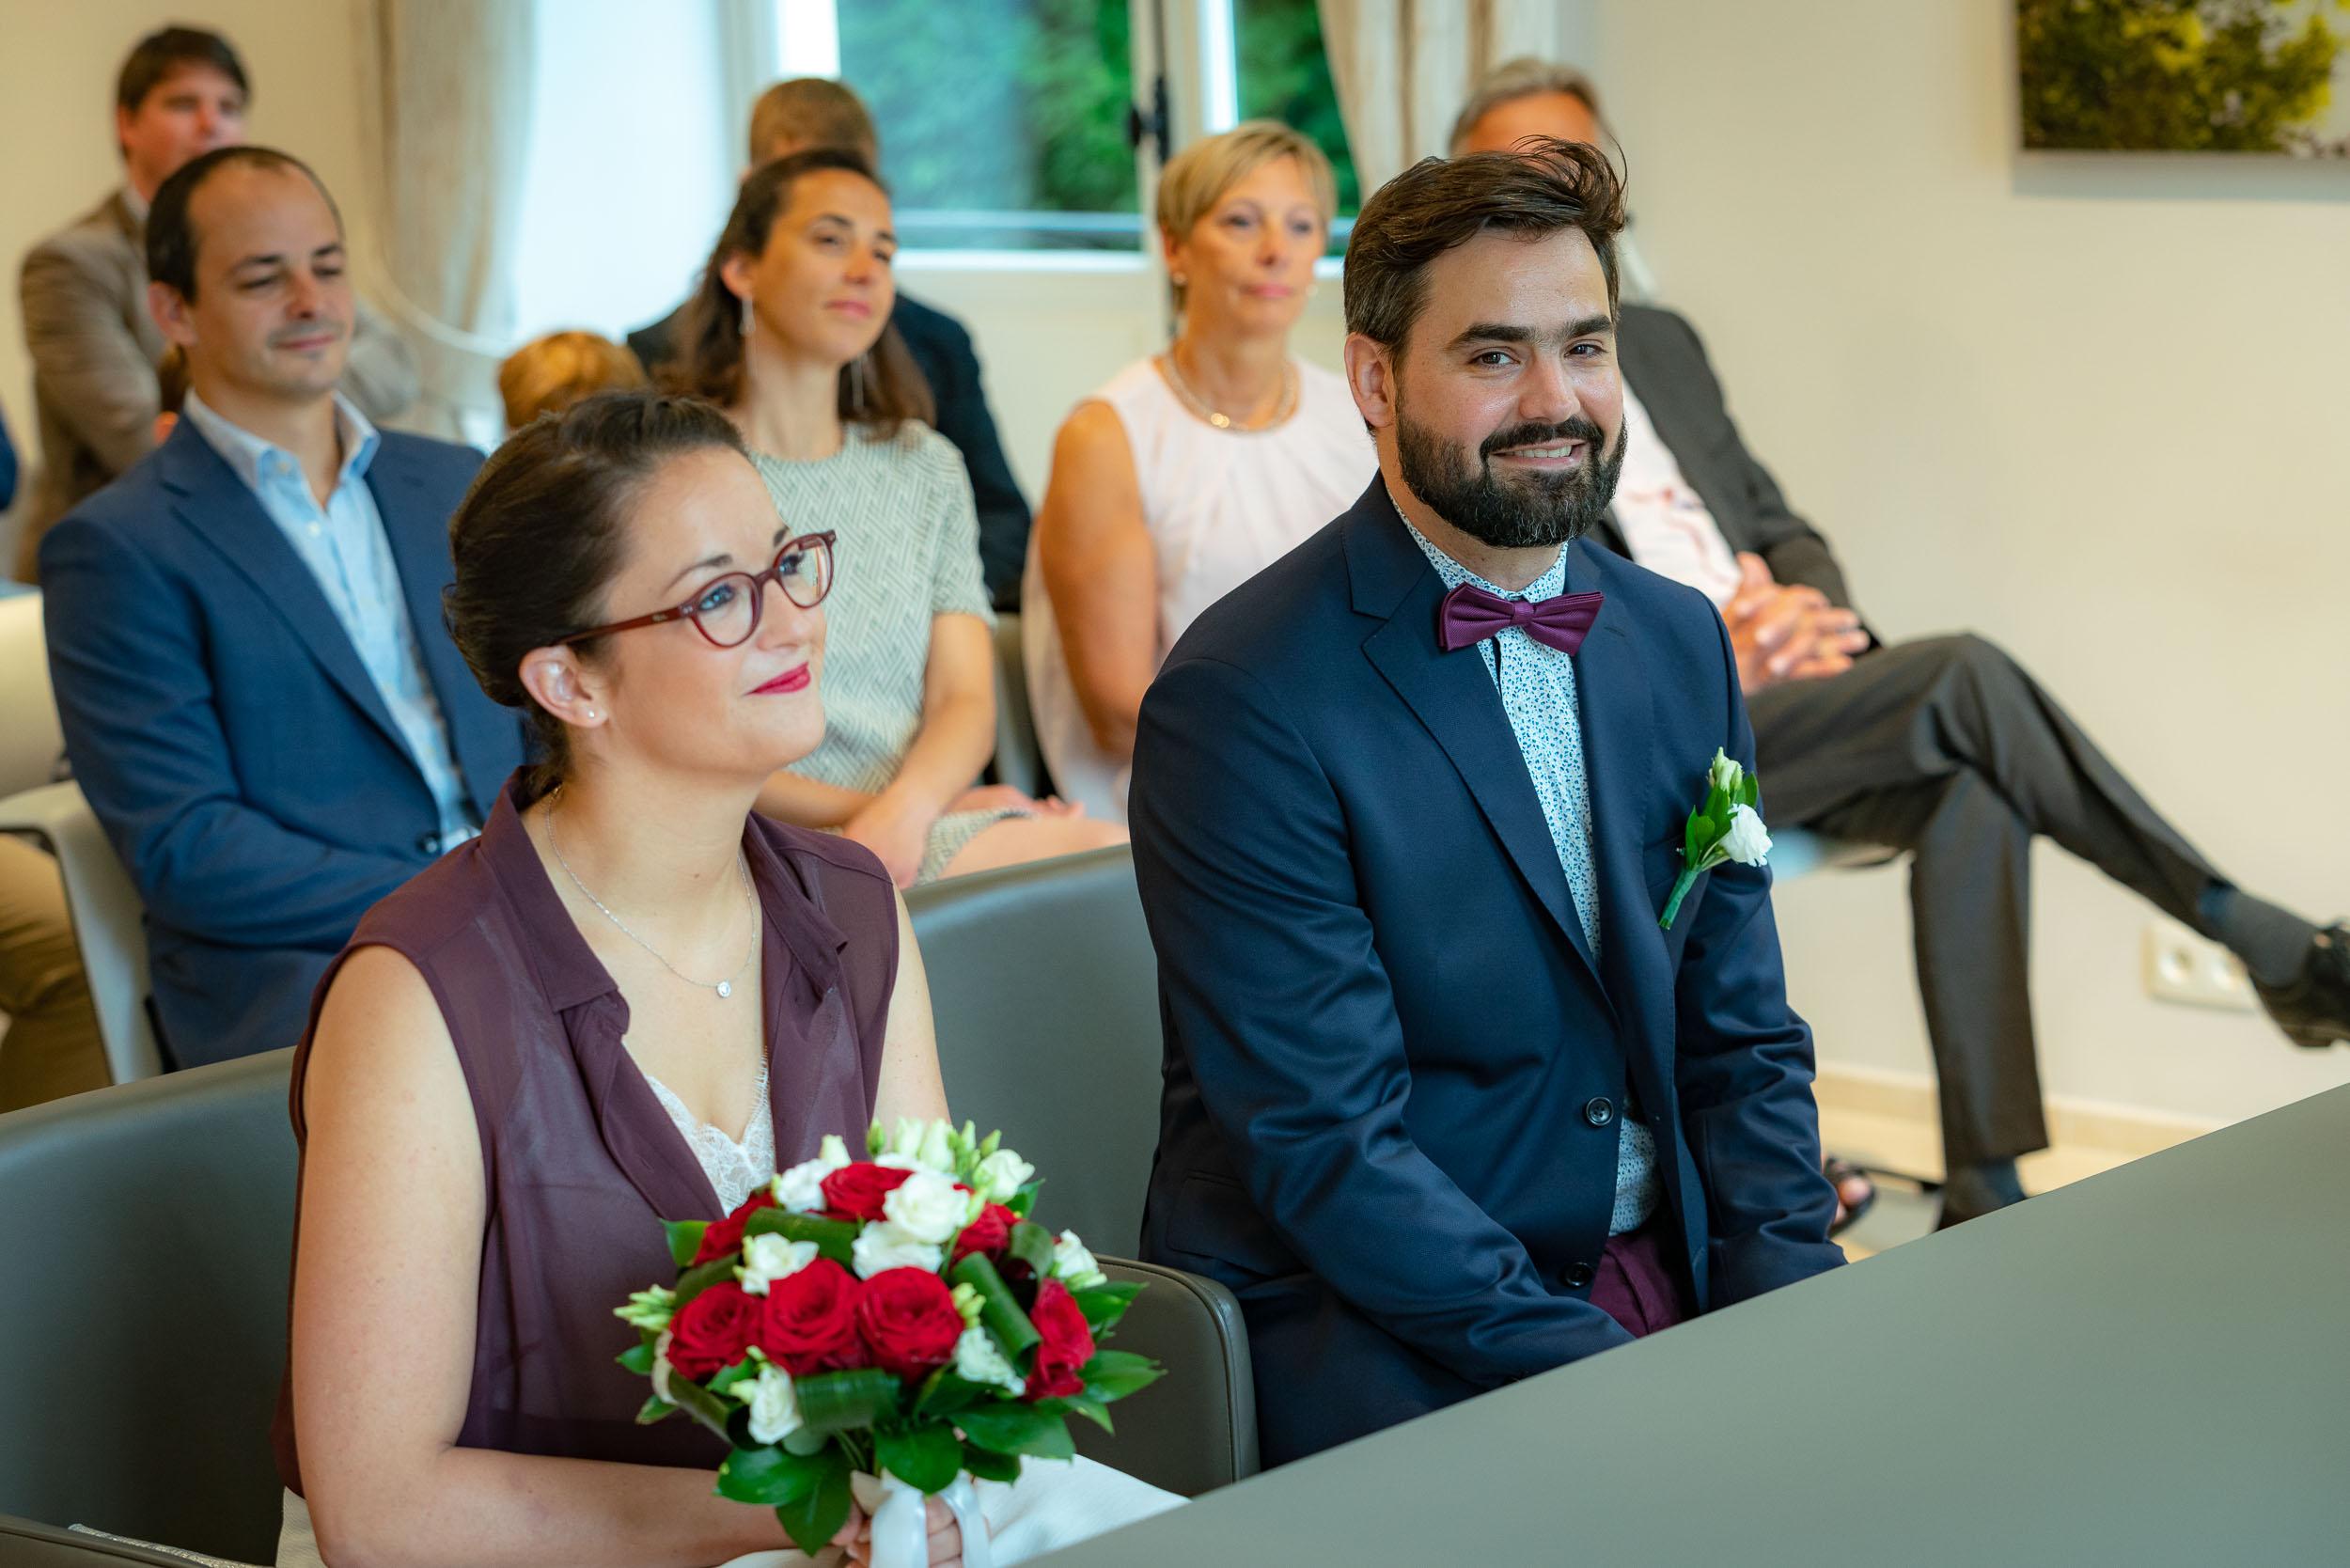 Mariage civil réalisé par un photographe de Bruxelles